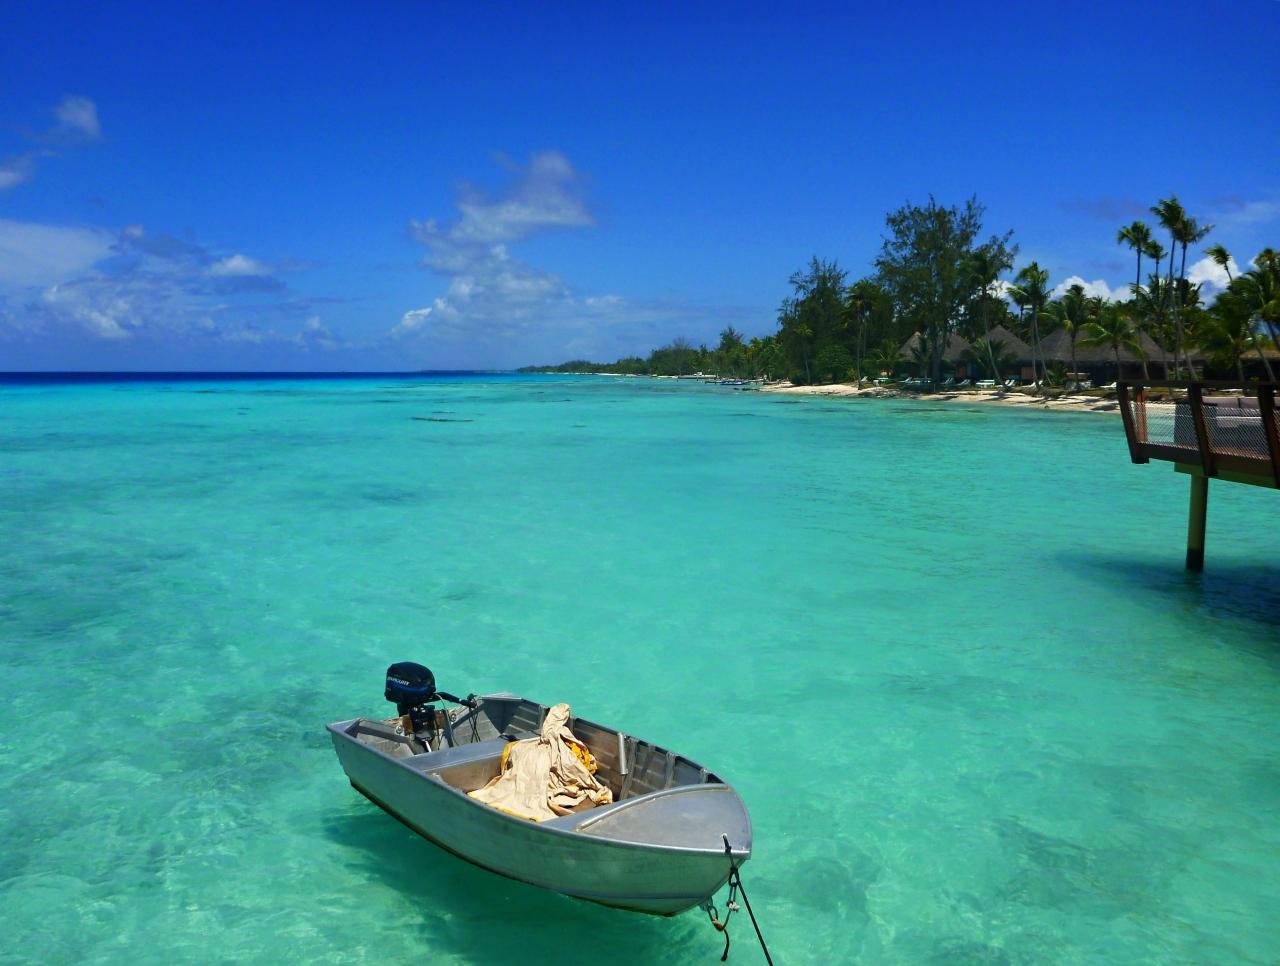 ボラボラ島・ランギロア島 8日間の旅